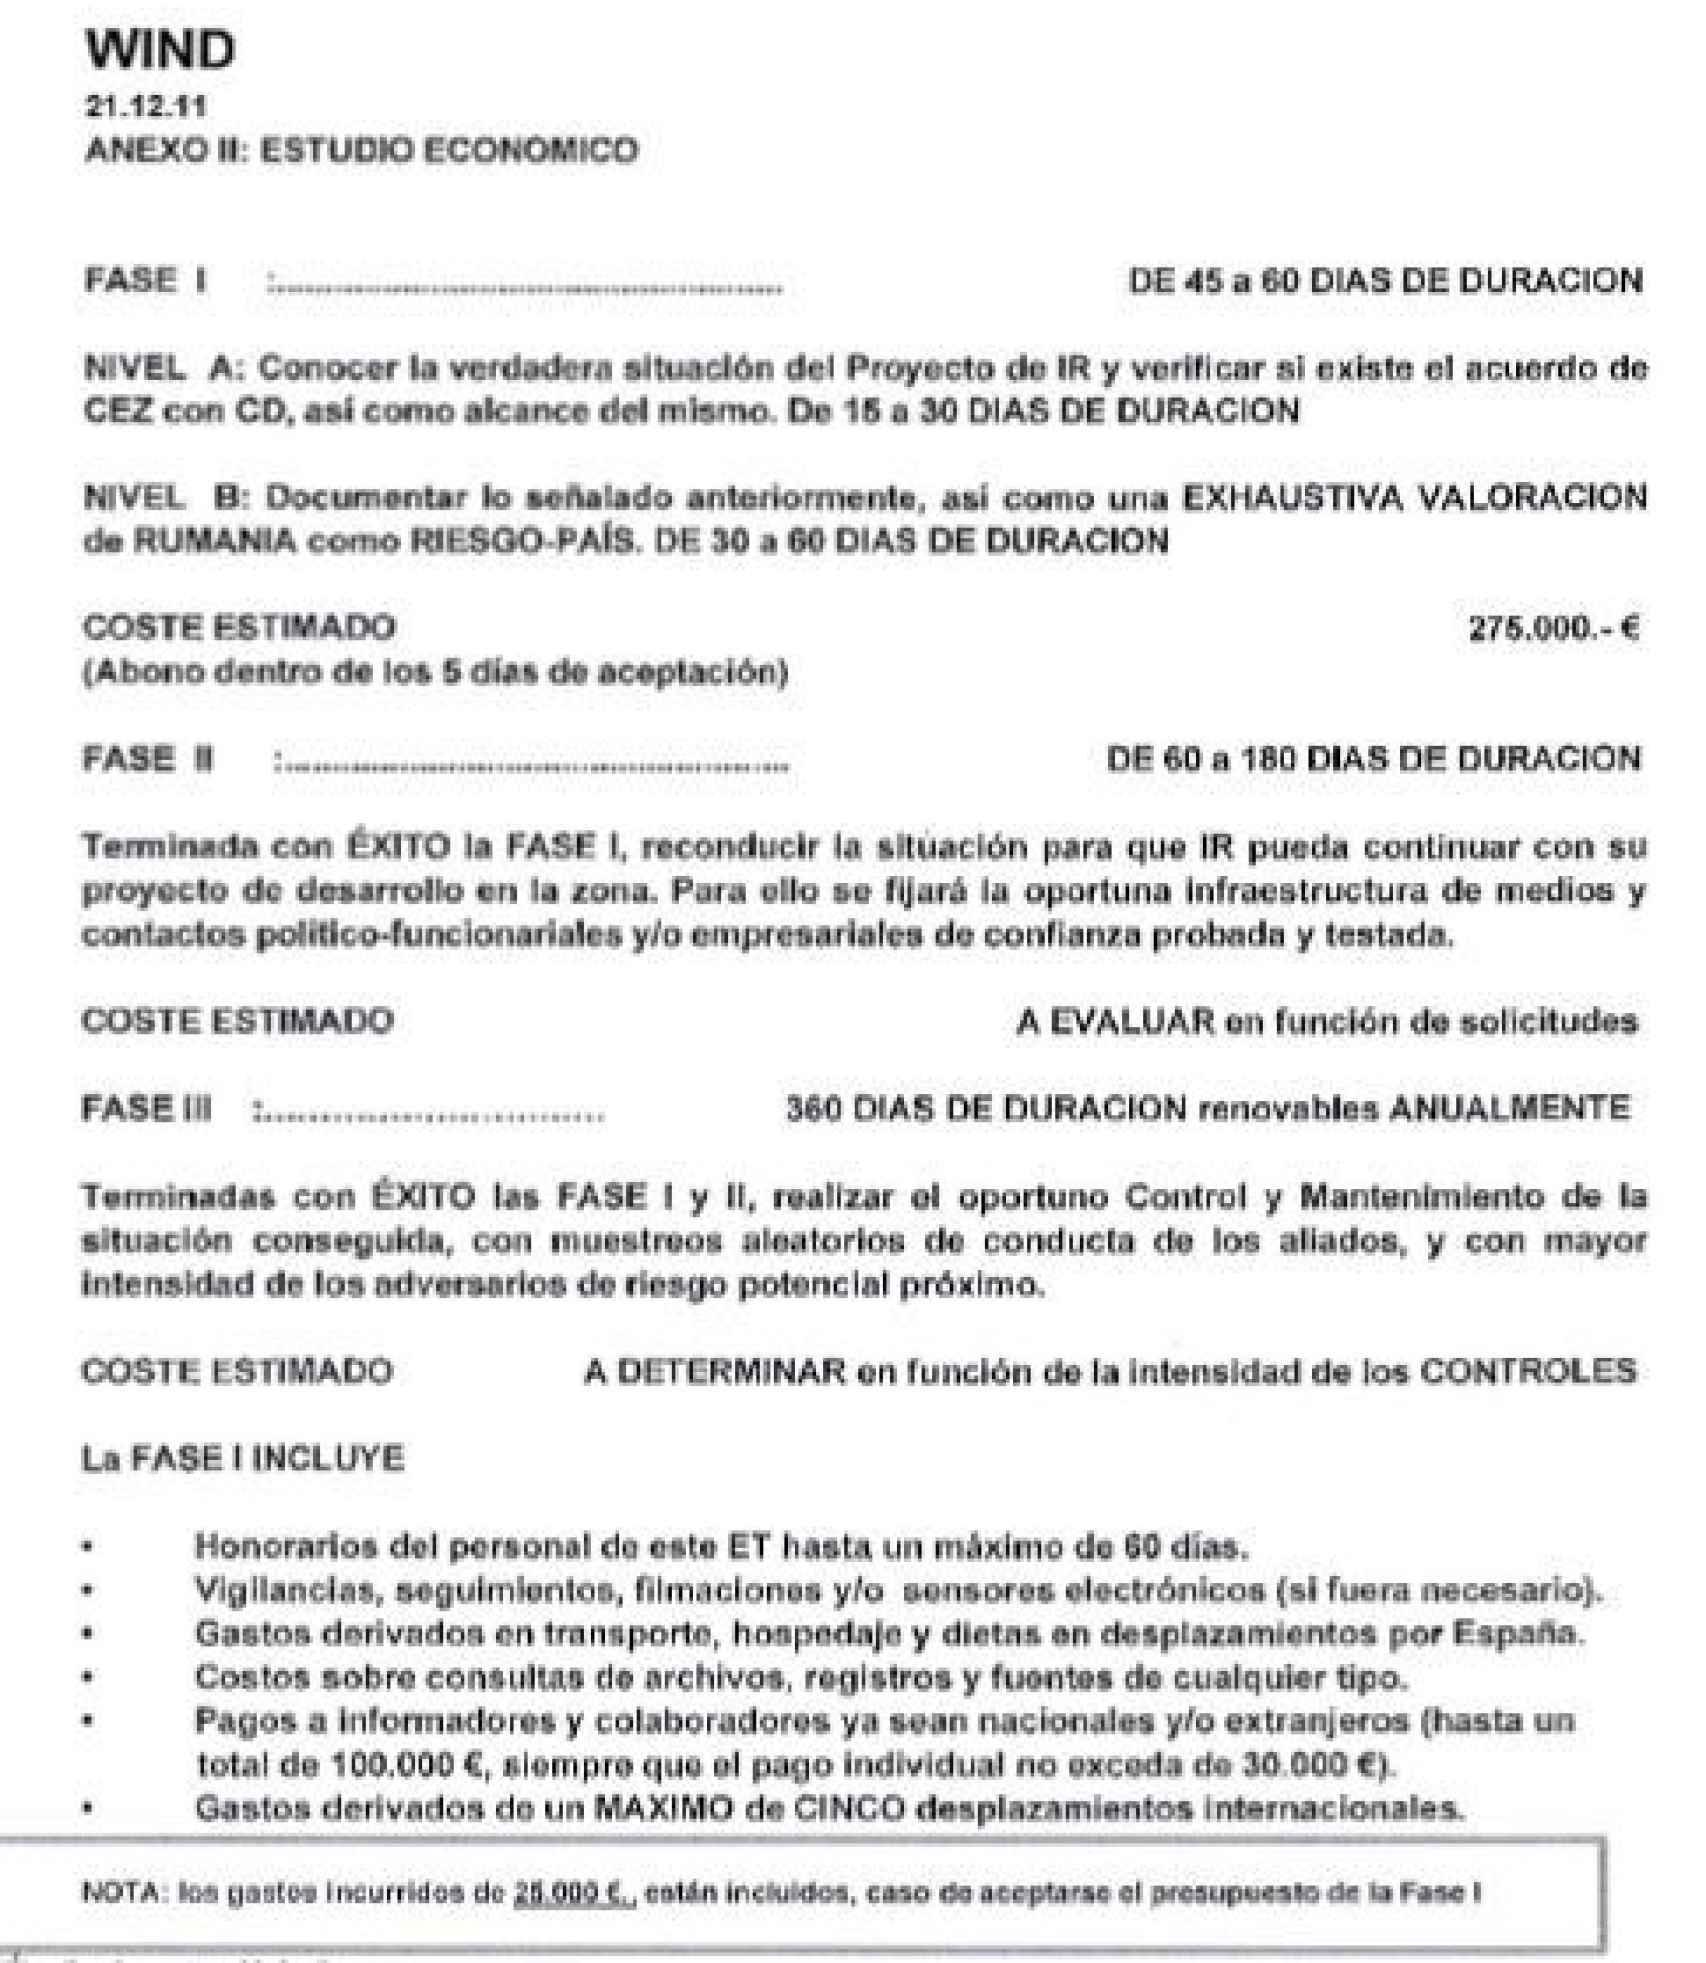 Documento de Villarejo sobre el proyecto Wind./